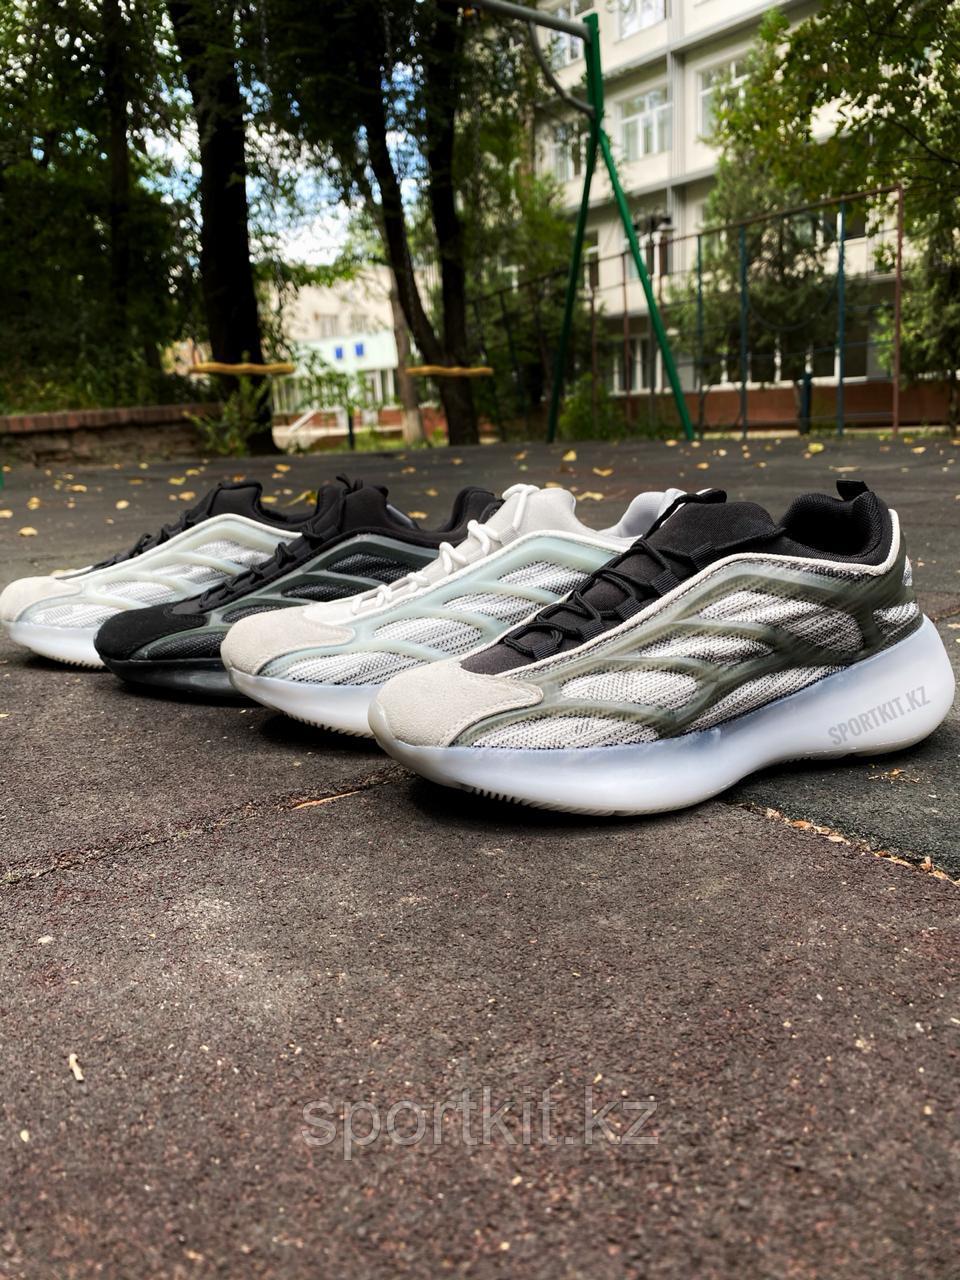 Кроссовки Adidas Yeezy 700 V3 subs 972-2 черн - фото 1